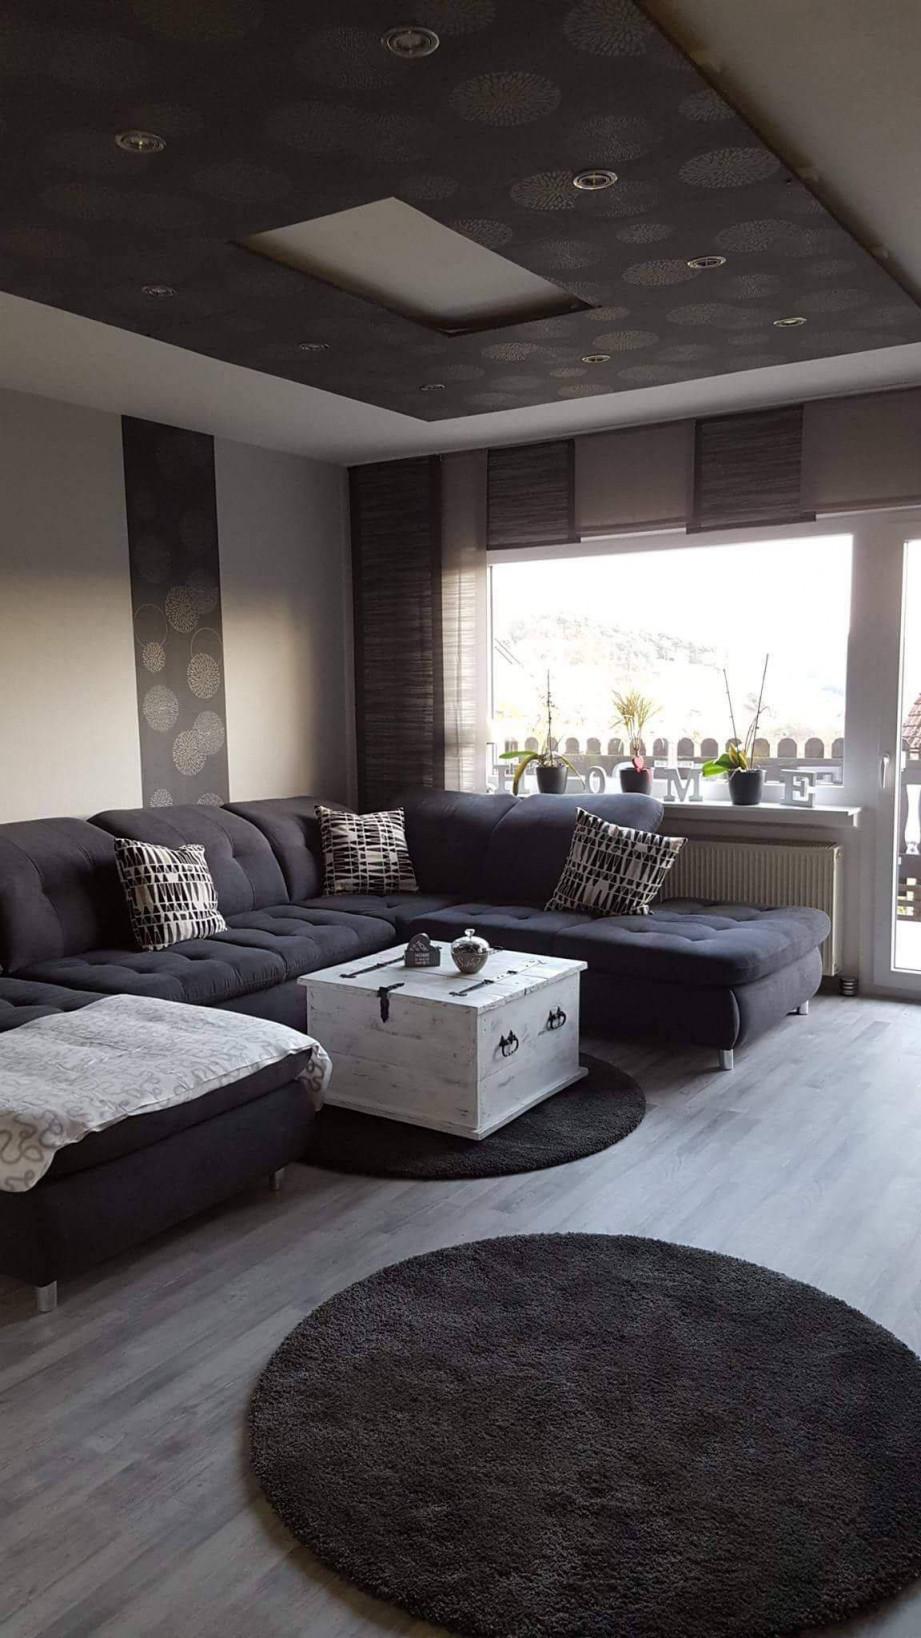 Großes Wohnzimmer Einrichten Reizend Wohnzimmer Ideen Grau von Wohnzimmer Gestalten Grau Weiss Bild